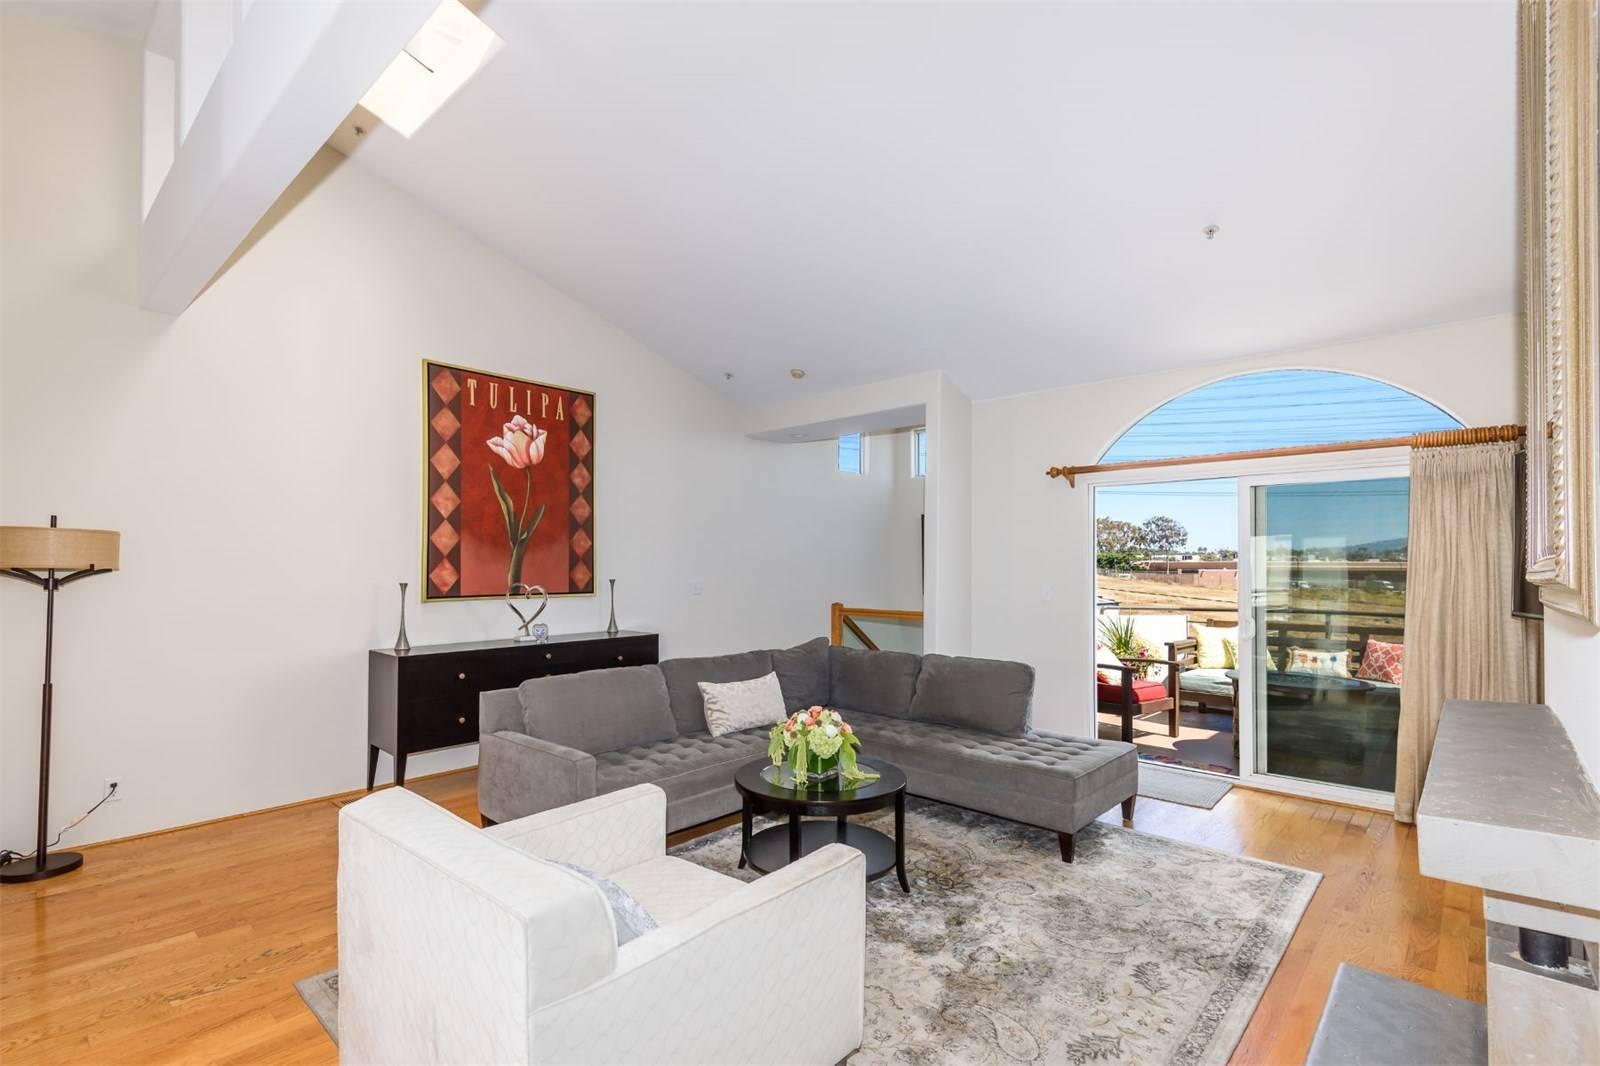 540 1st Street - living room 4.jpeg